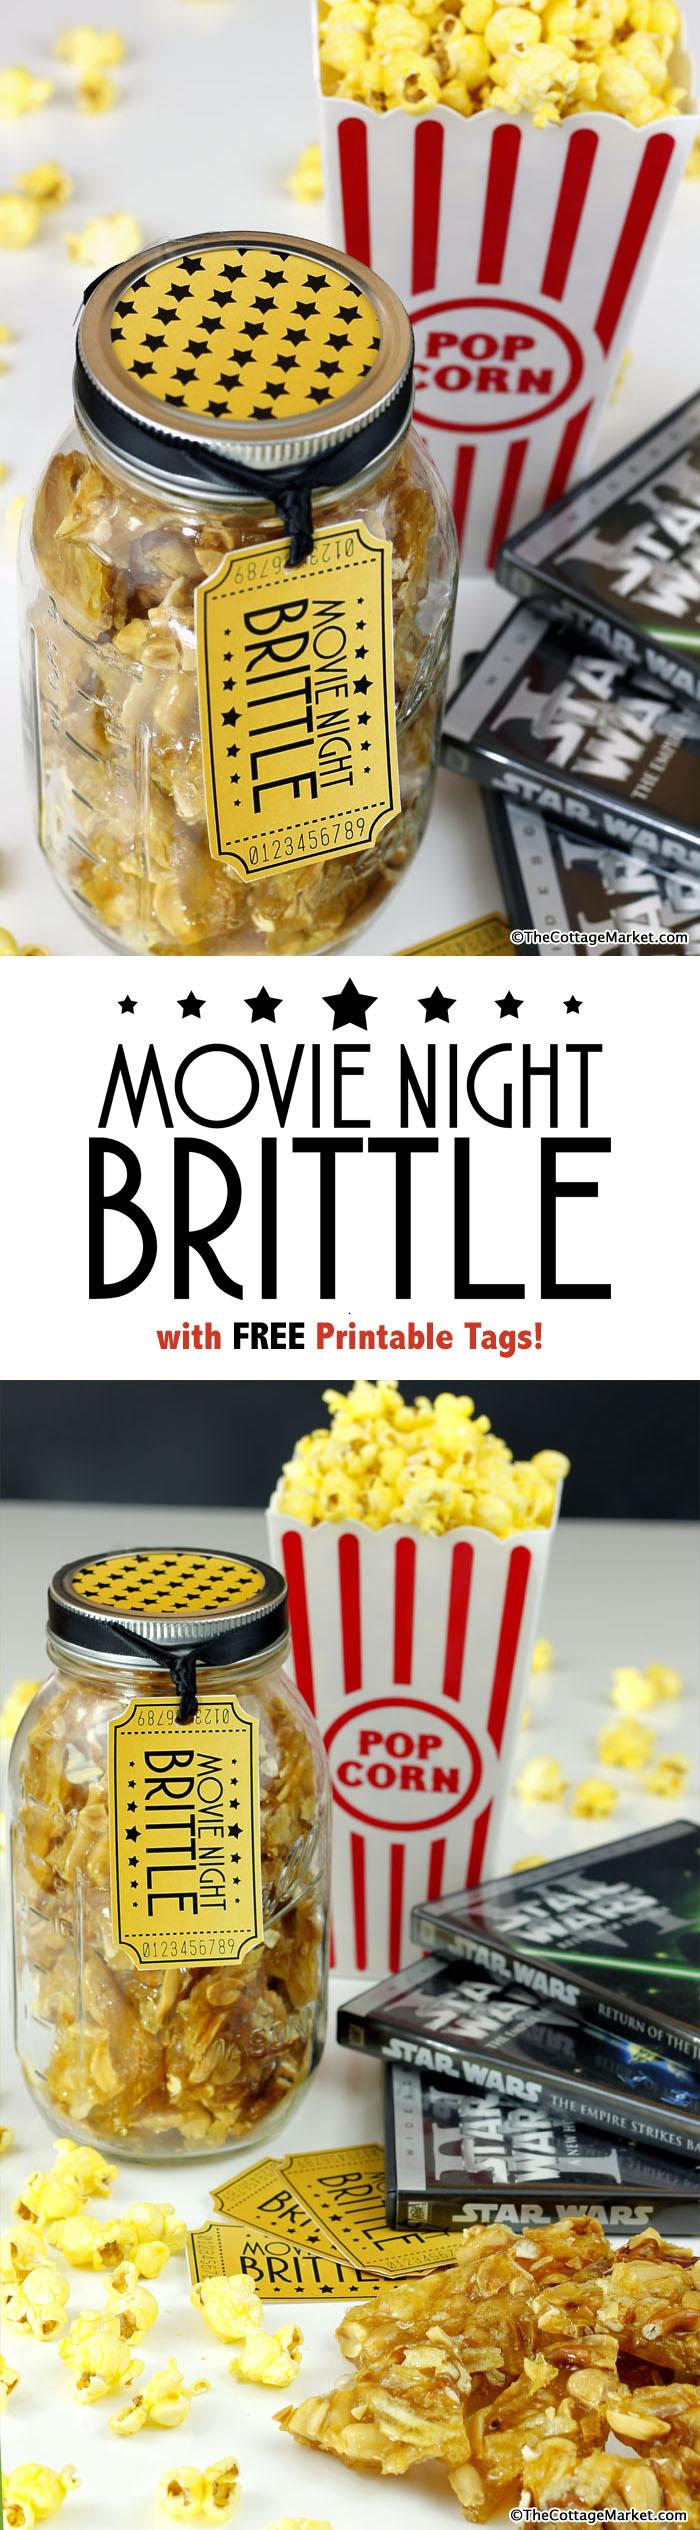 movienightbrittle-TOWER